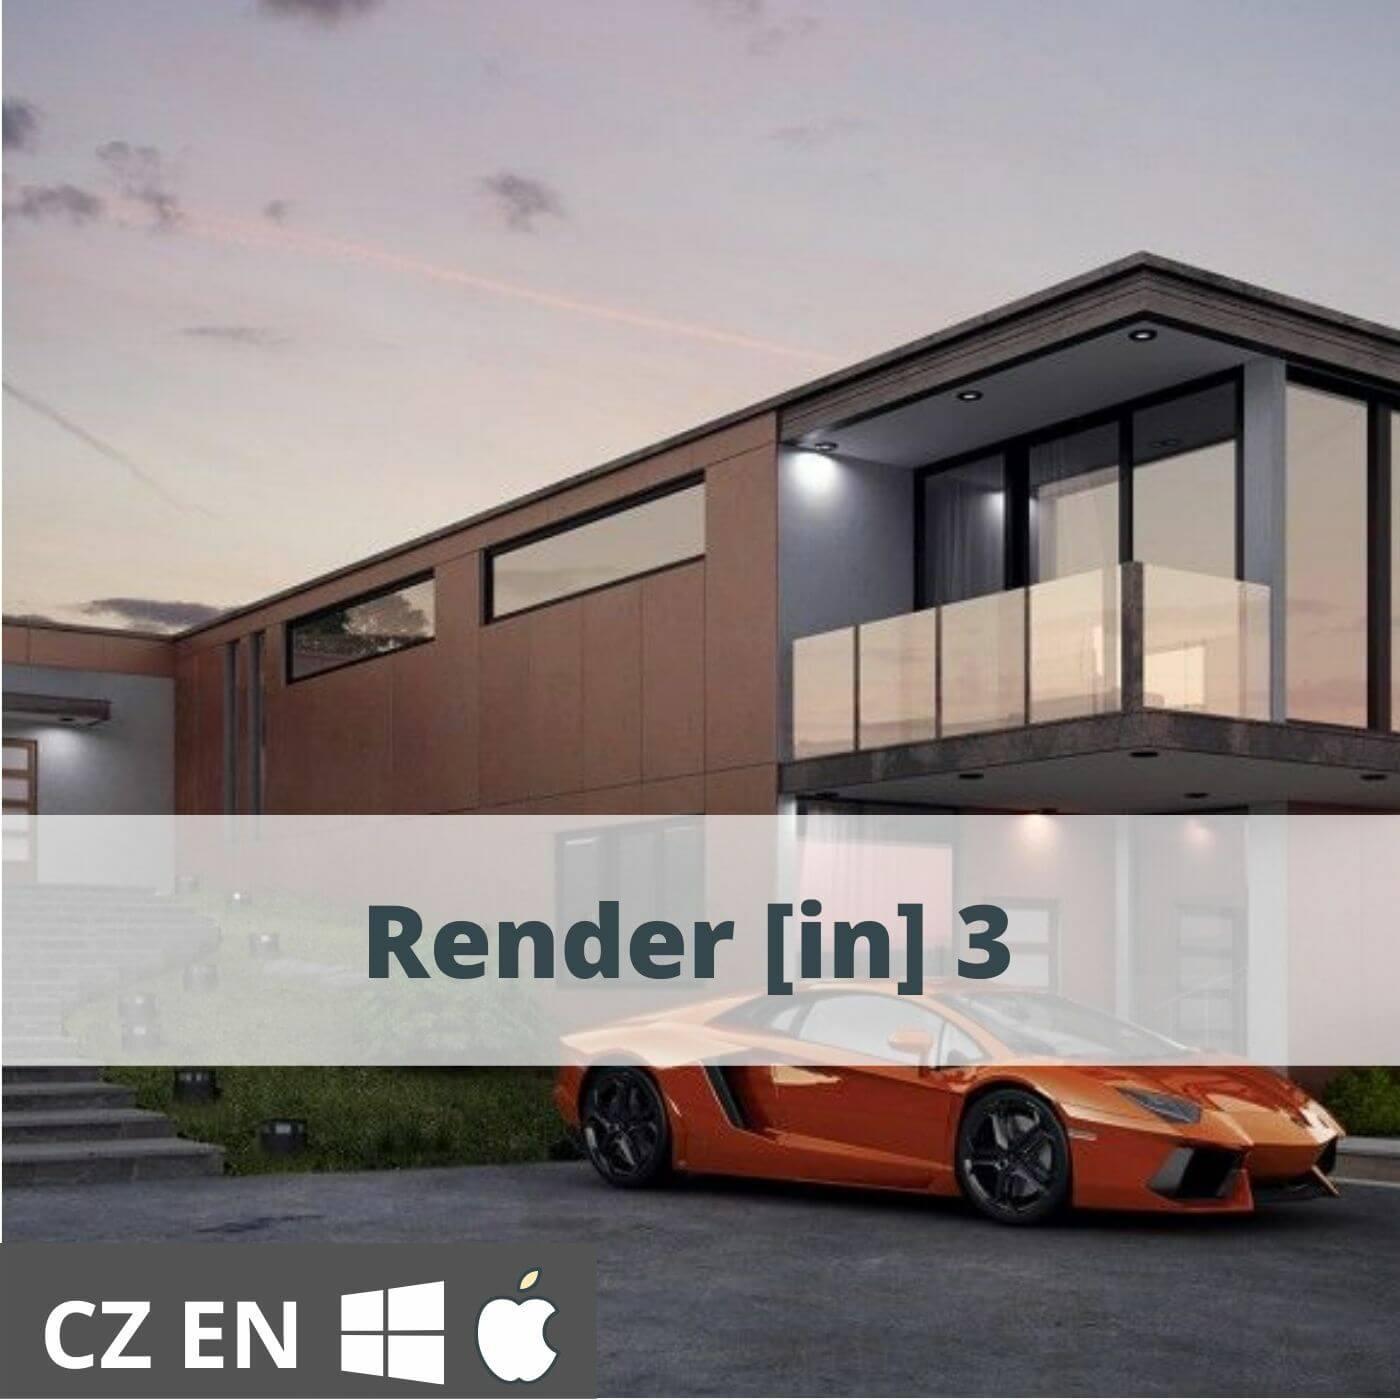 Render [in] 3